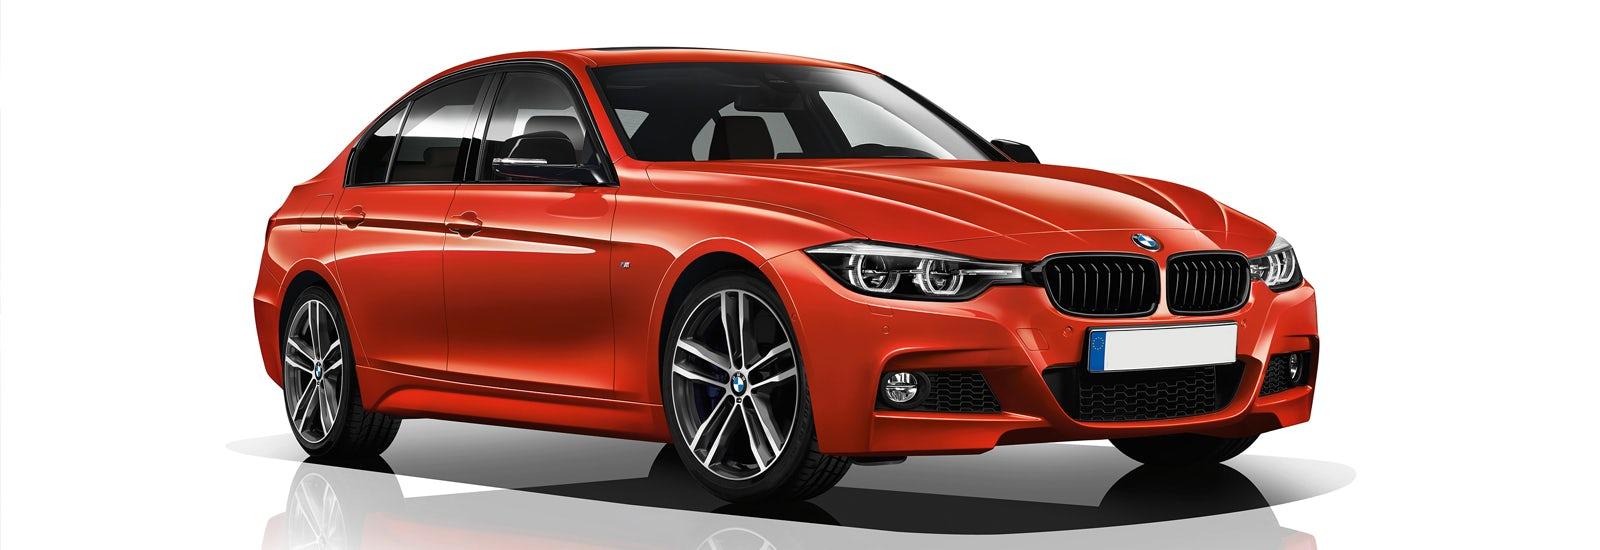 2017 BMW Edition M Sport Shadow